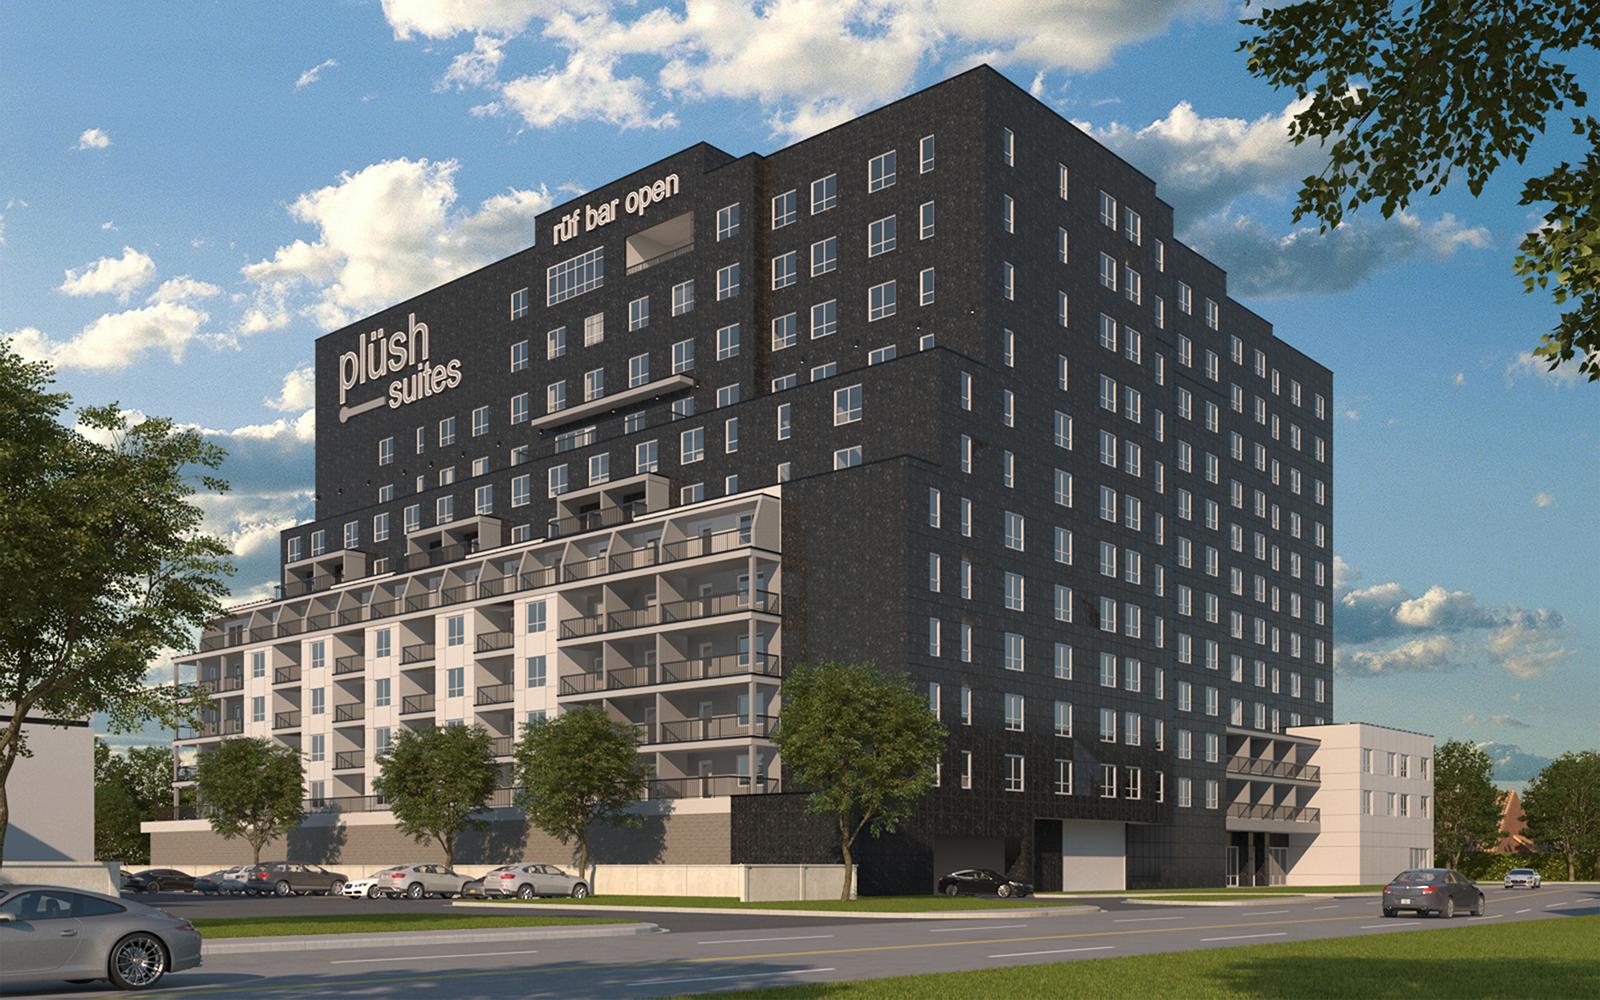 Plush Hotel, Galleria, Dallas Texas